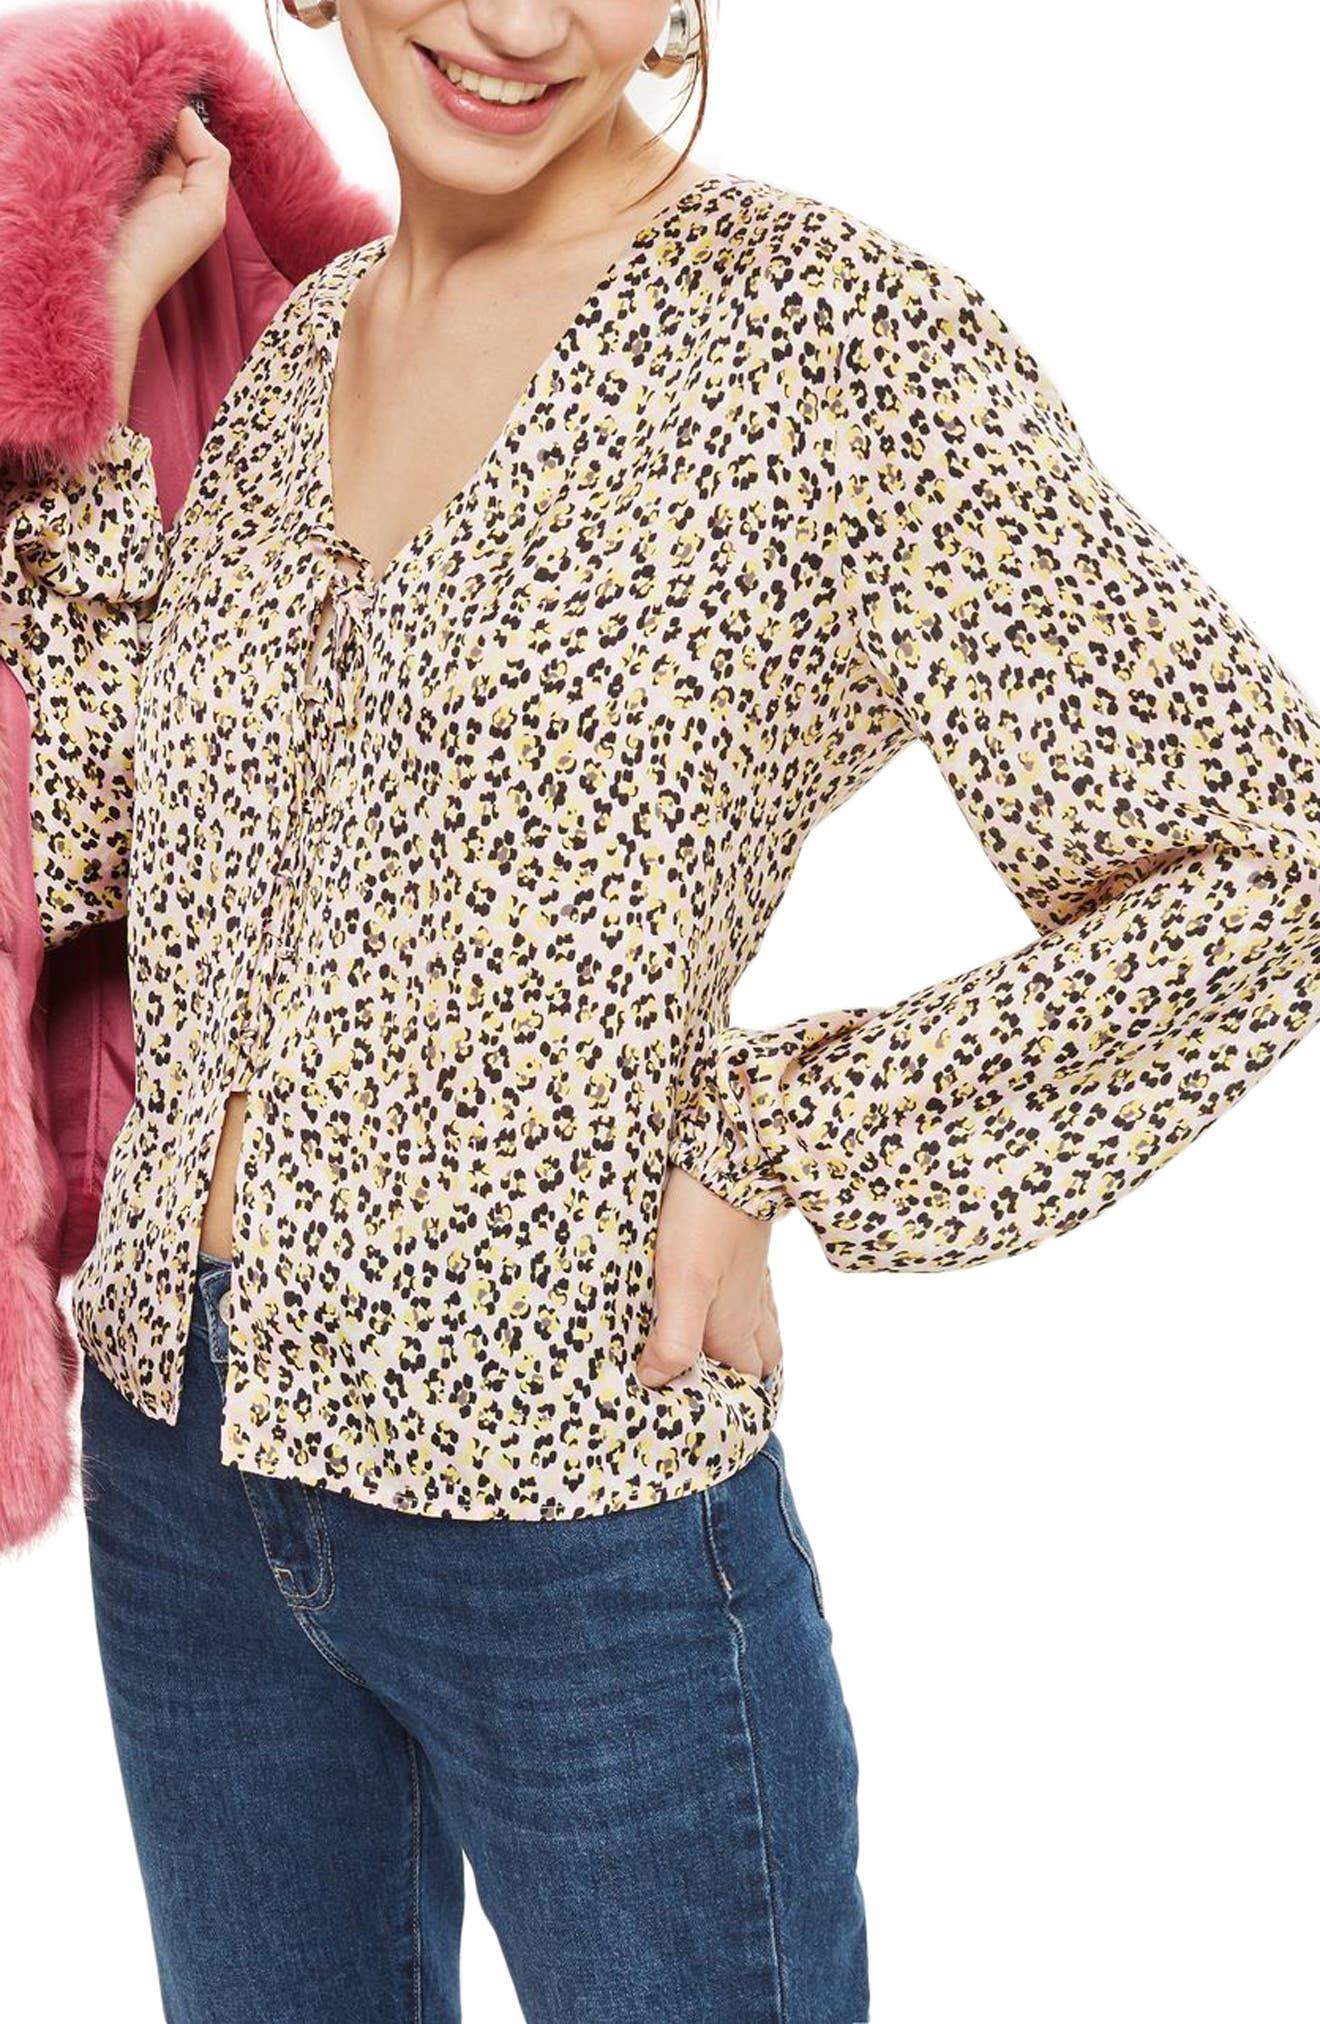 Main Image - Topshop Leopard Print Tie Front Blouse